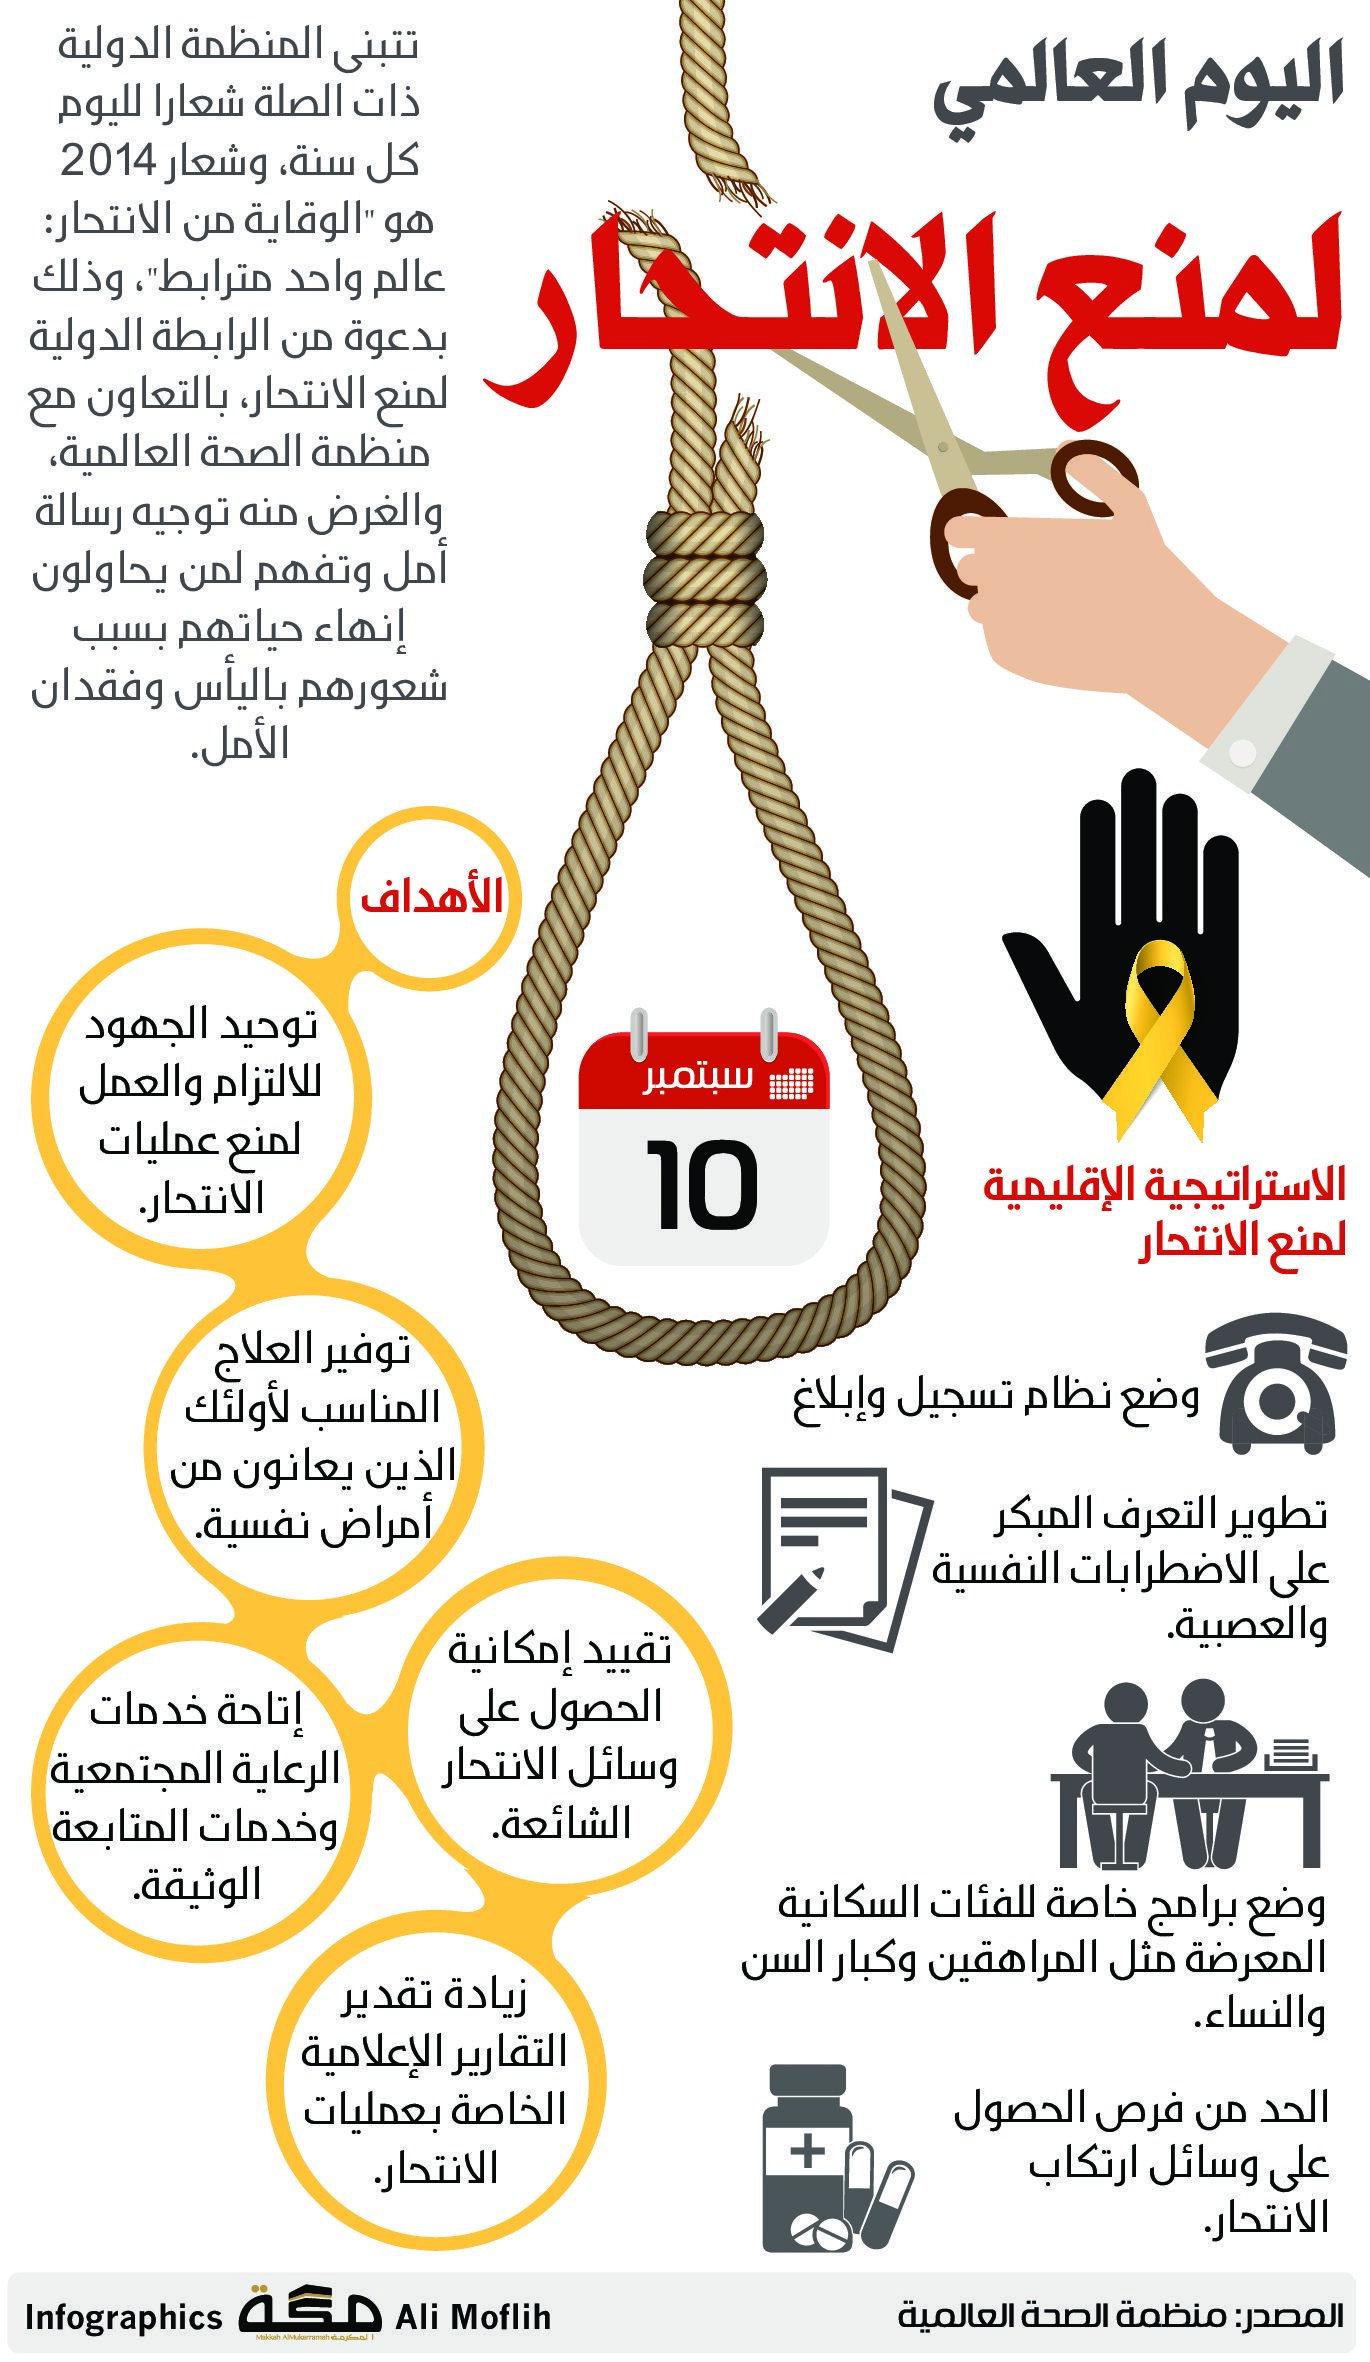 اليوم العالمي لمنع الانتحار 10 سبتمبر صحيفةـمكة انفوجرافيك الأيام العالمية Infographic Makkah